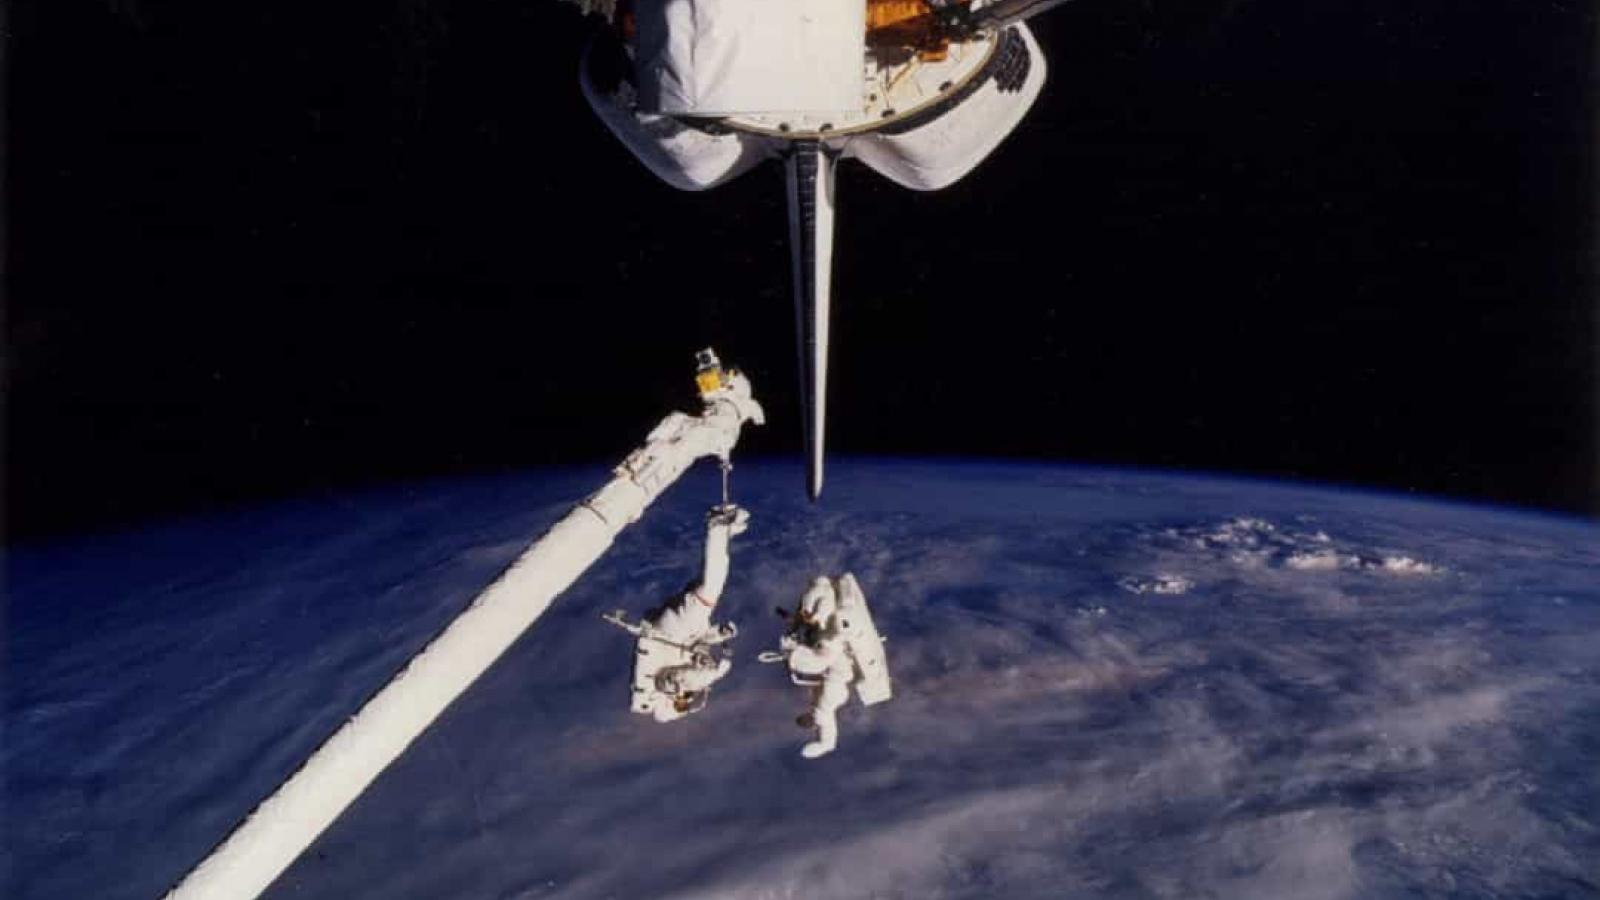 Khoảnh khắc hiếm hoi về cuộc sống của các phi hành gia trên Trạm Vũ trụ Quốc tế (ISS)